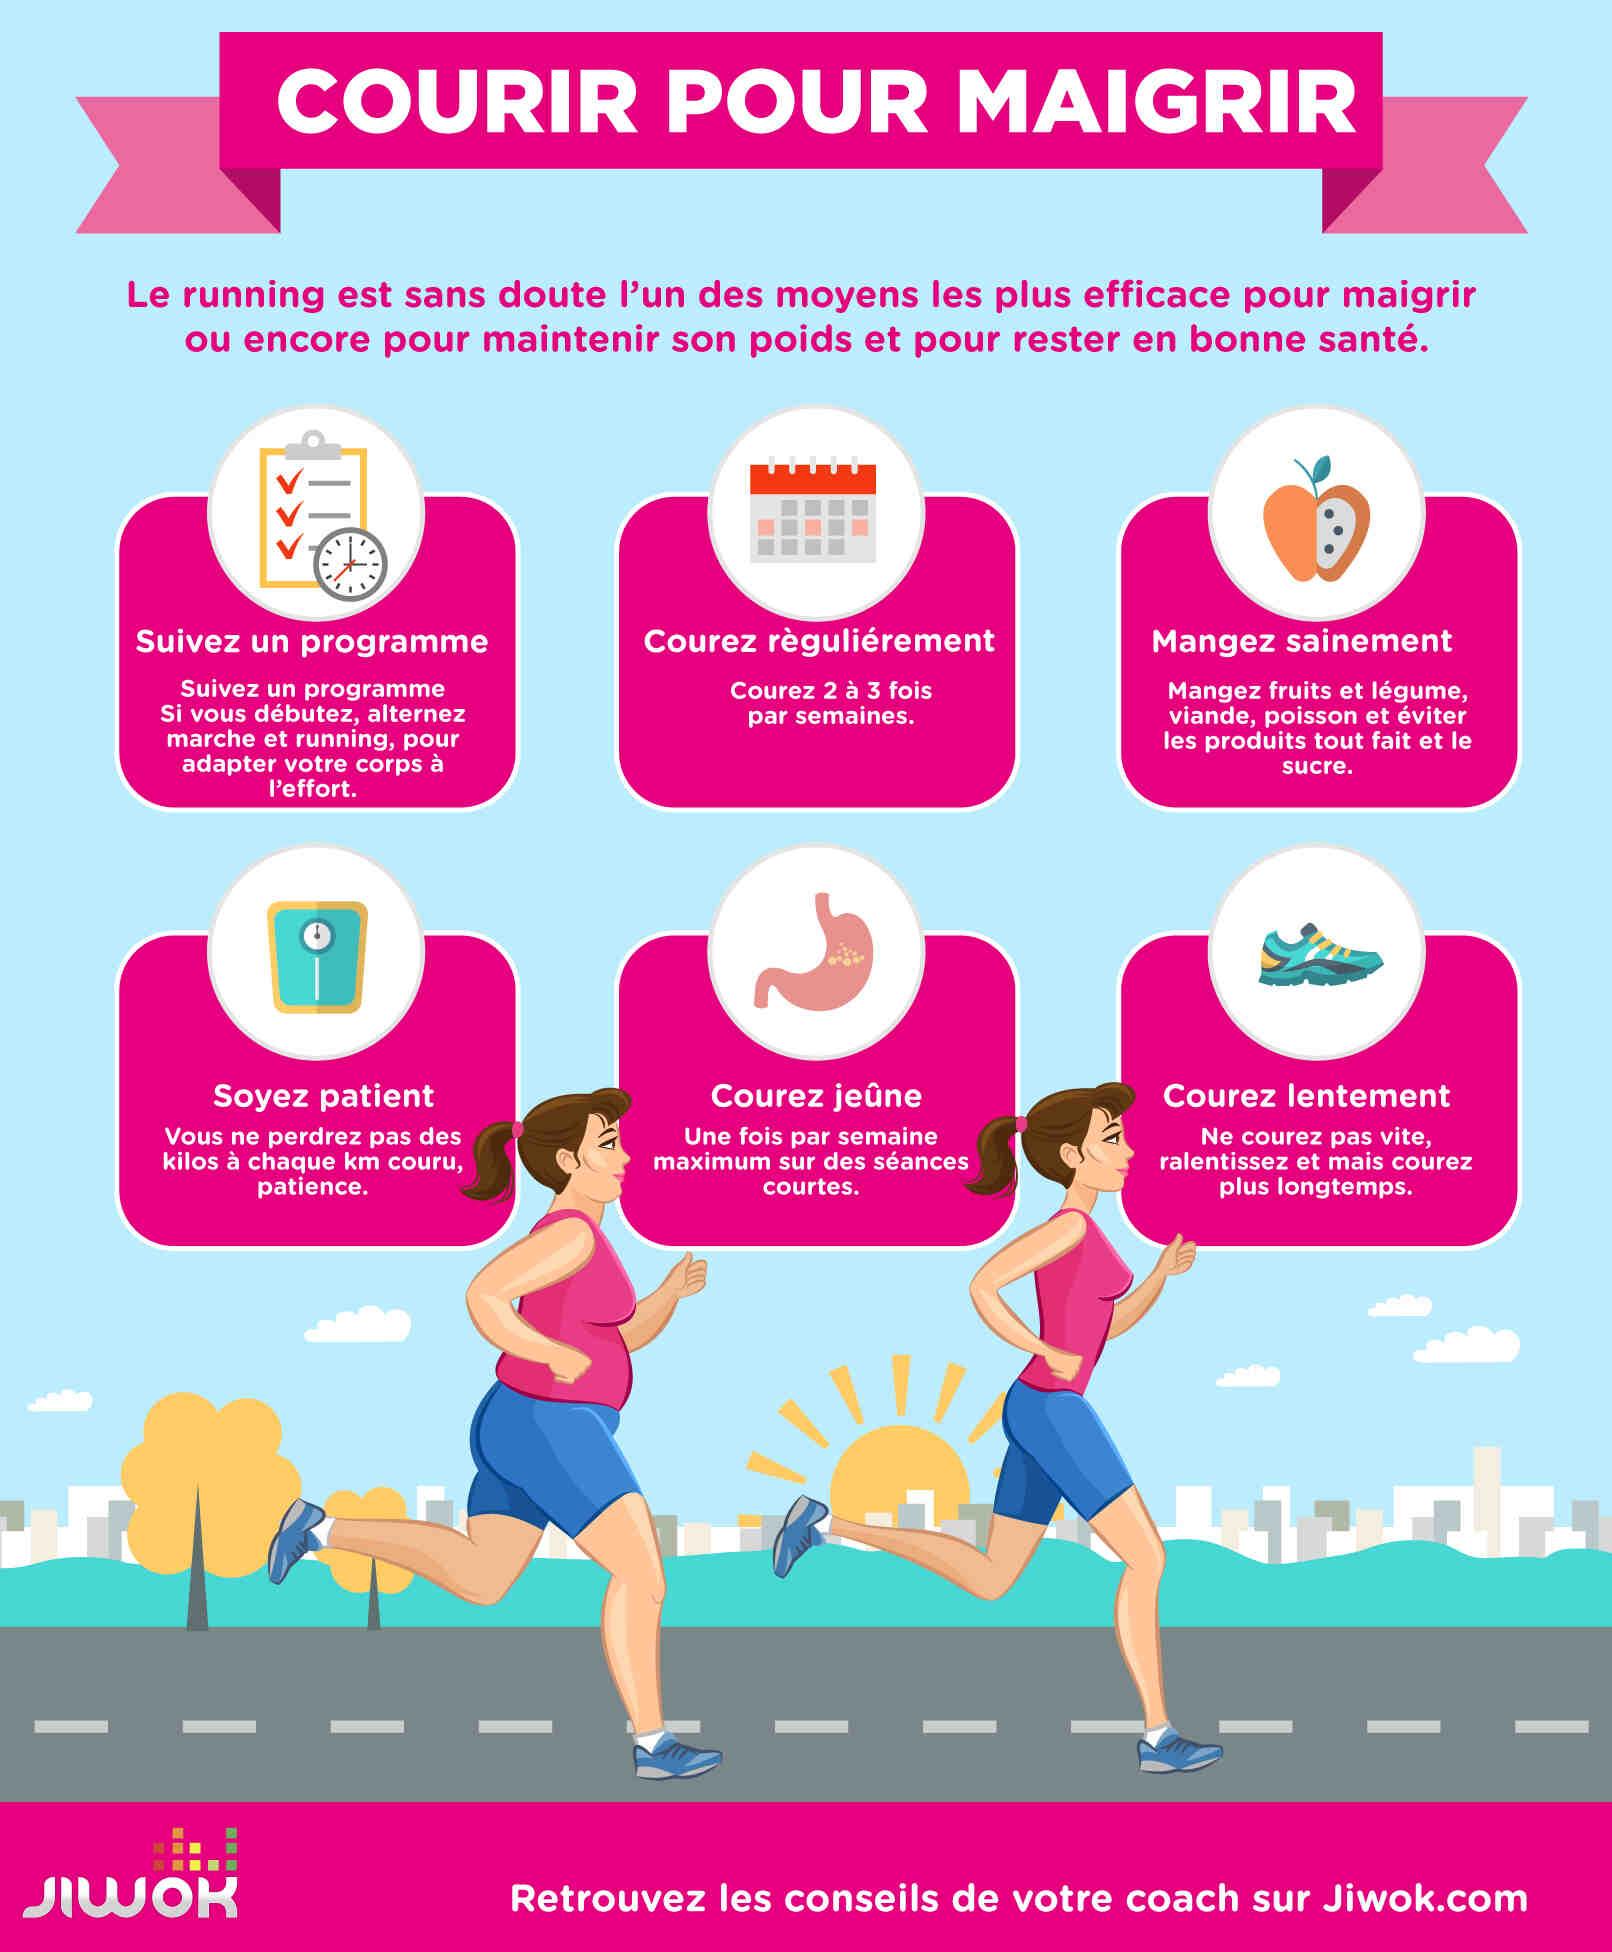 Quel genre de sport pour garder le ventre plat?